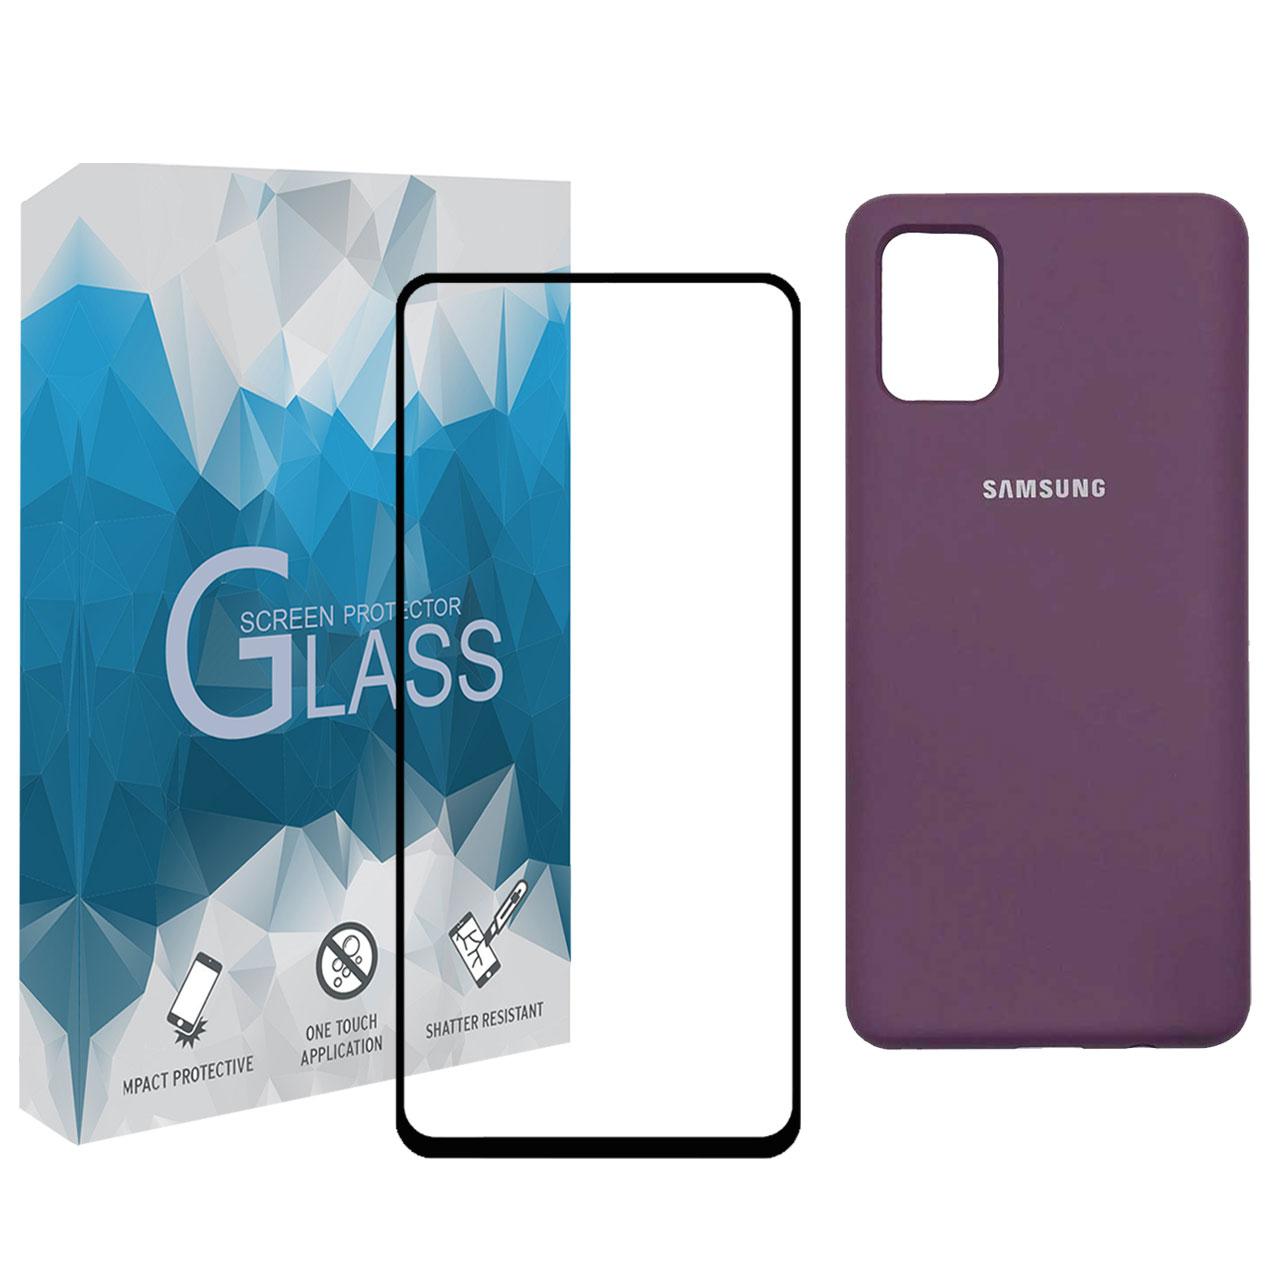 کاور مدل SLCN_02 مناسب برای گوشی موبایل سامسونگ Galaxy A51 به همراه محافظ صفحه نمایش